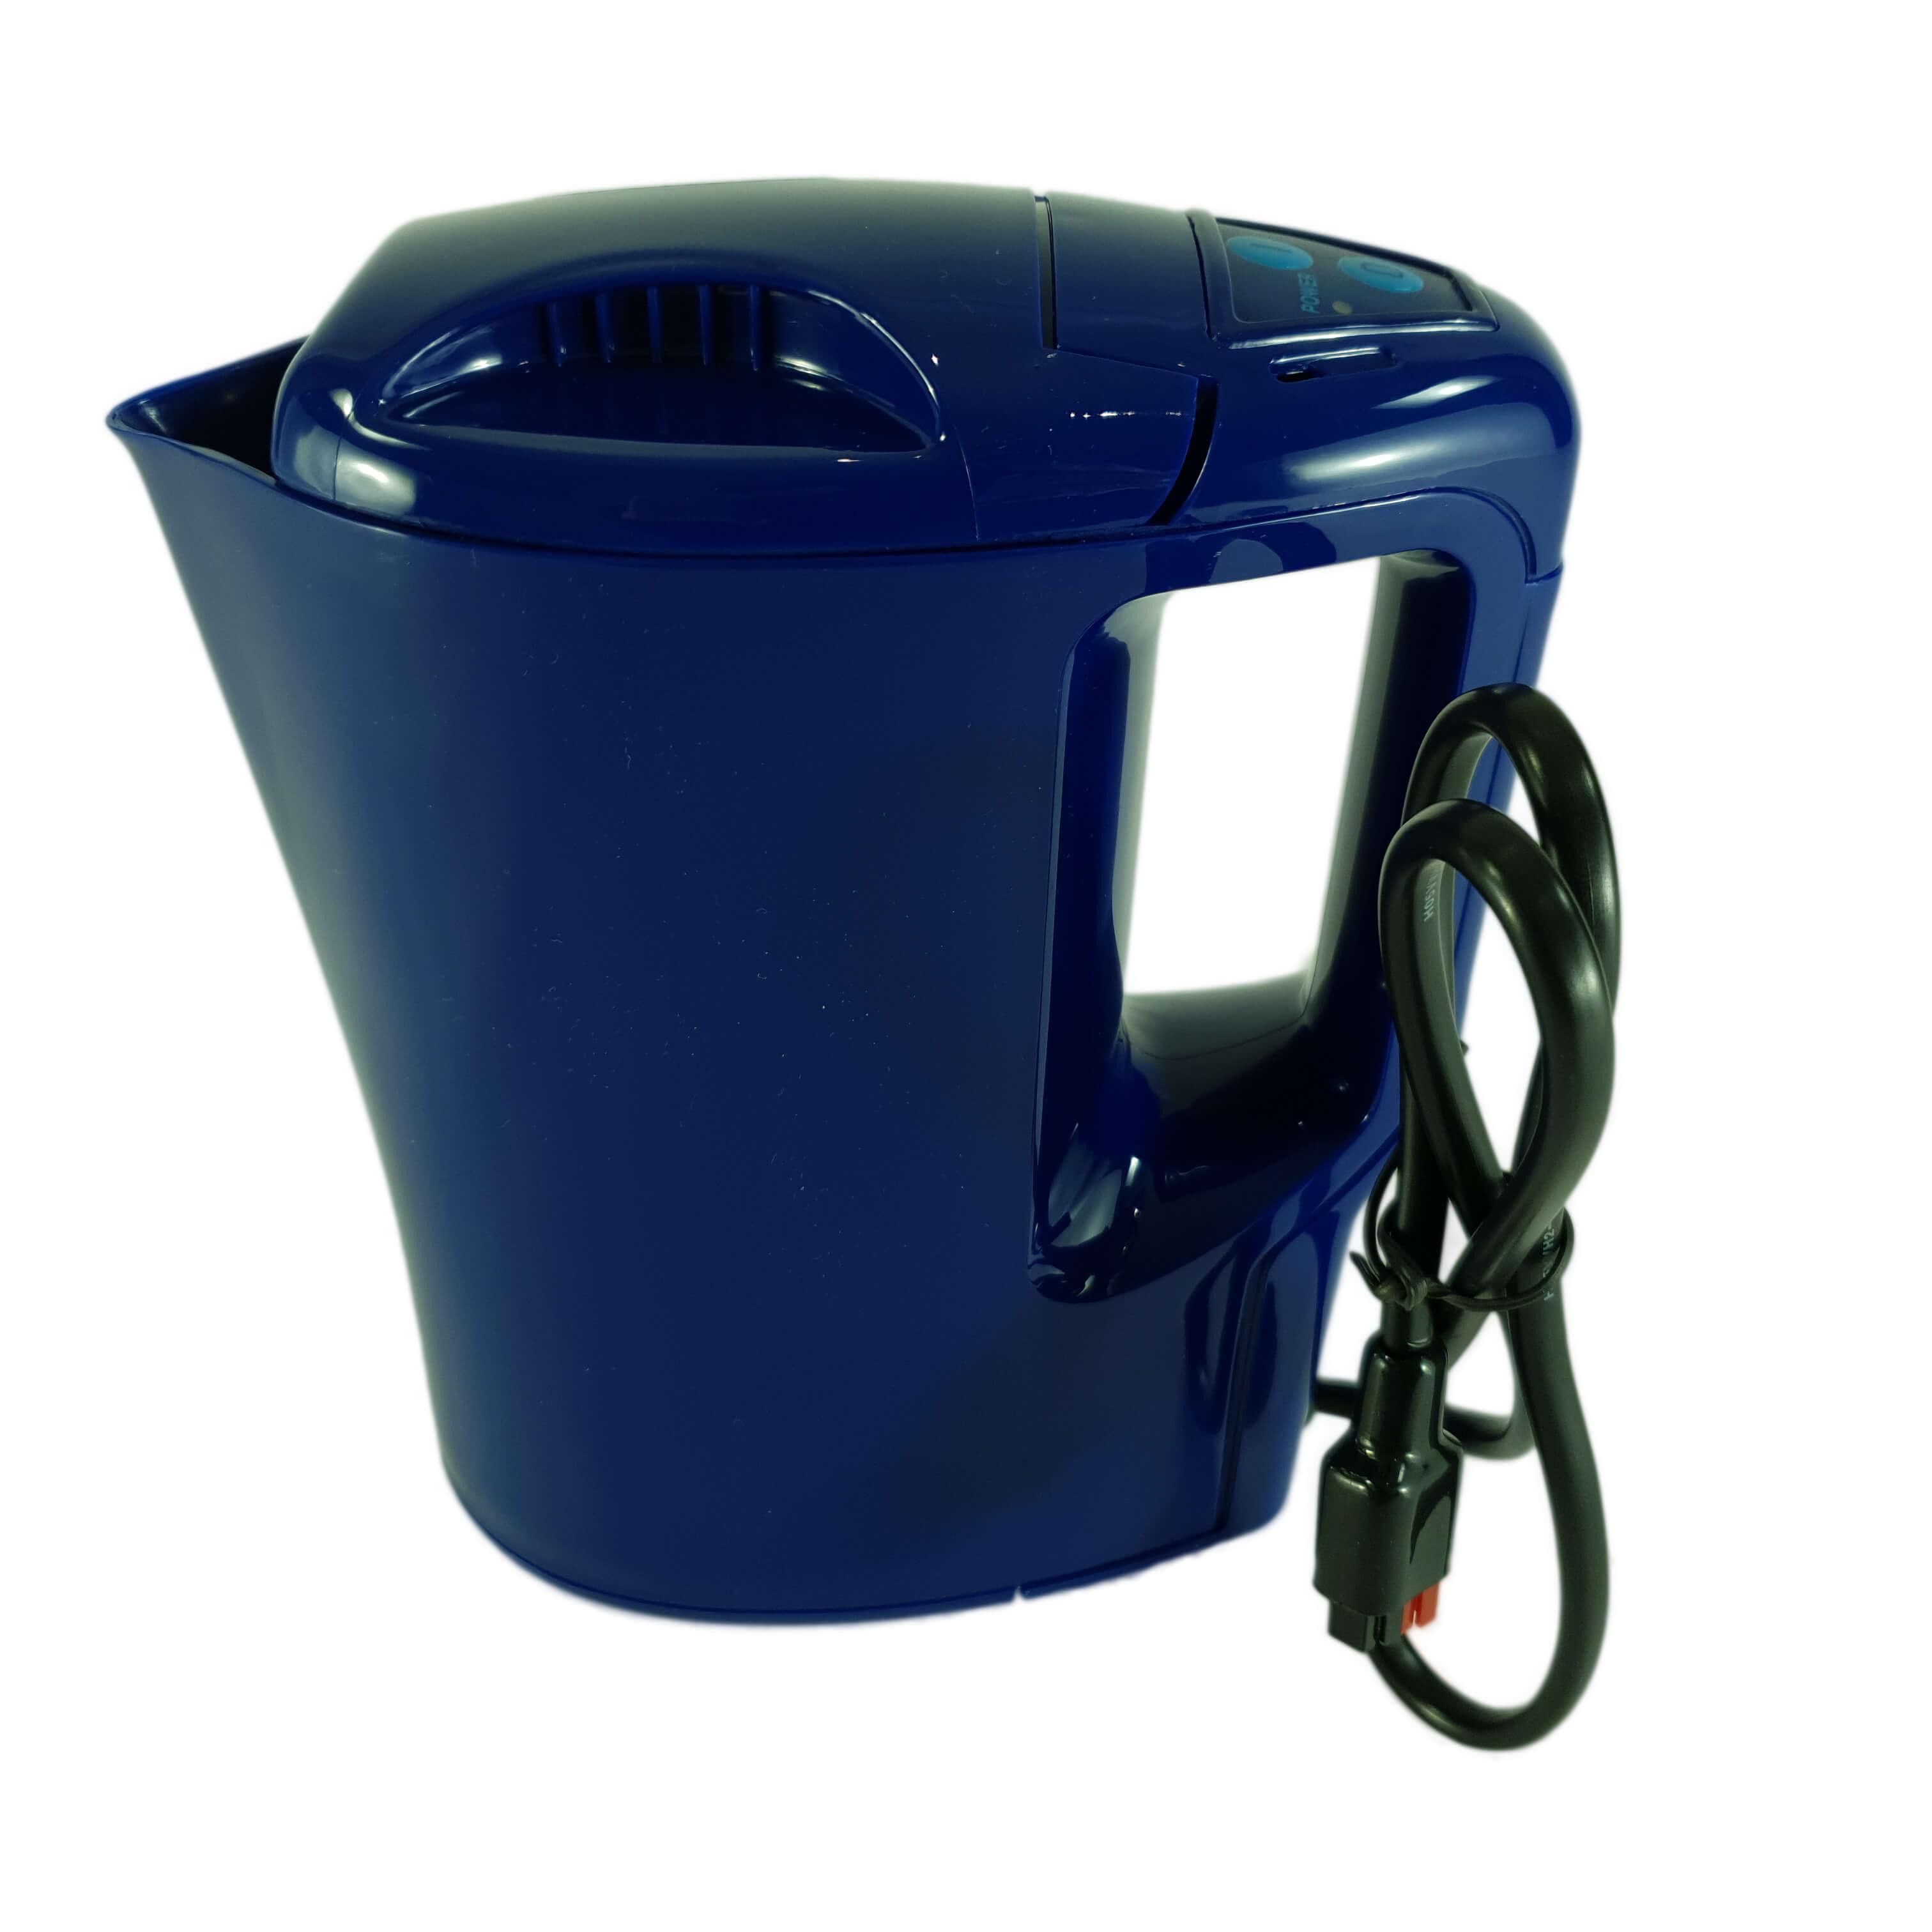 Der Wasserkocher mit bis zu 250W Leistung ermöglicht das Erhitzen kleiner Mengen Wasser mit dem Oekotrainer.